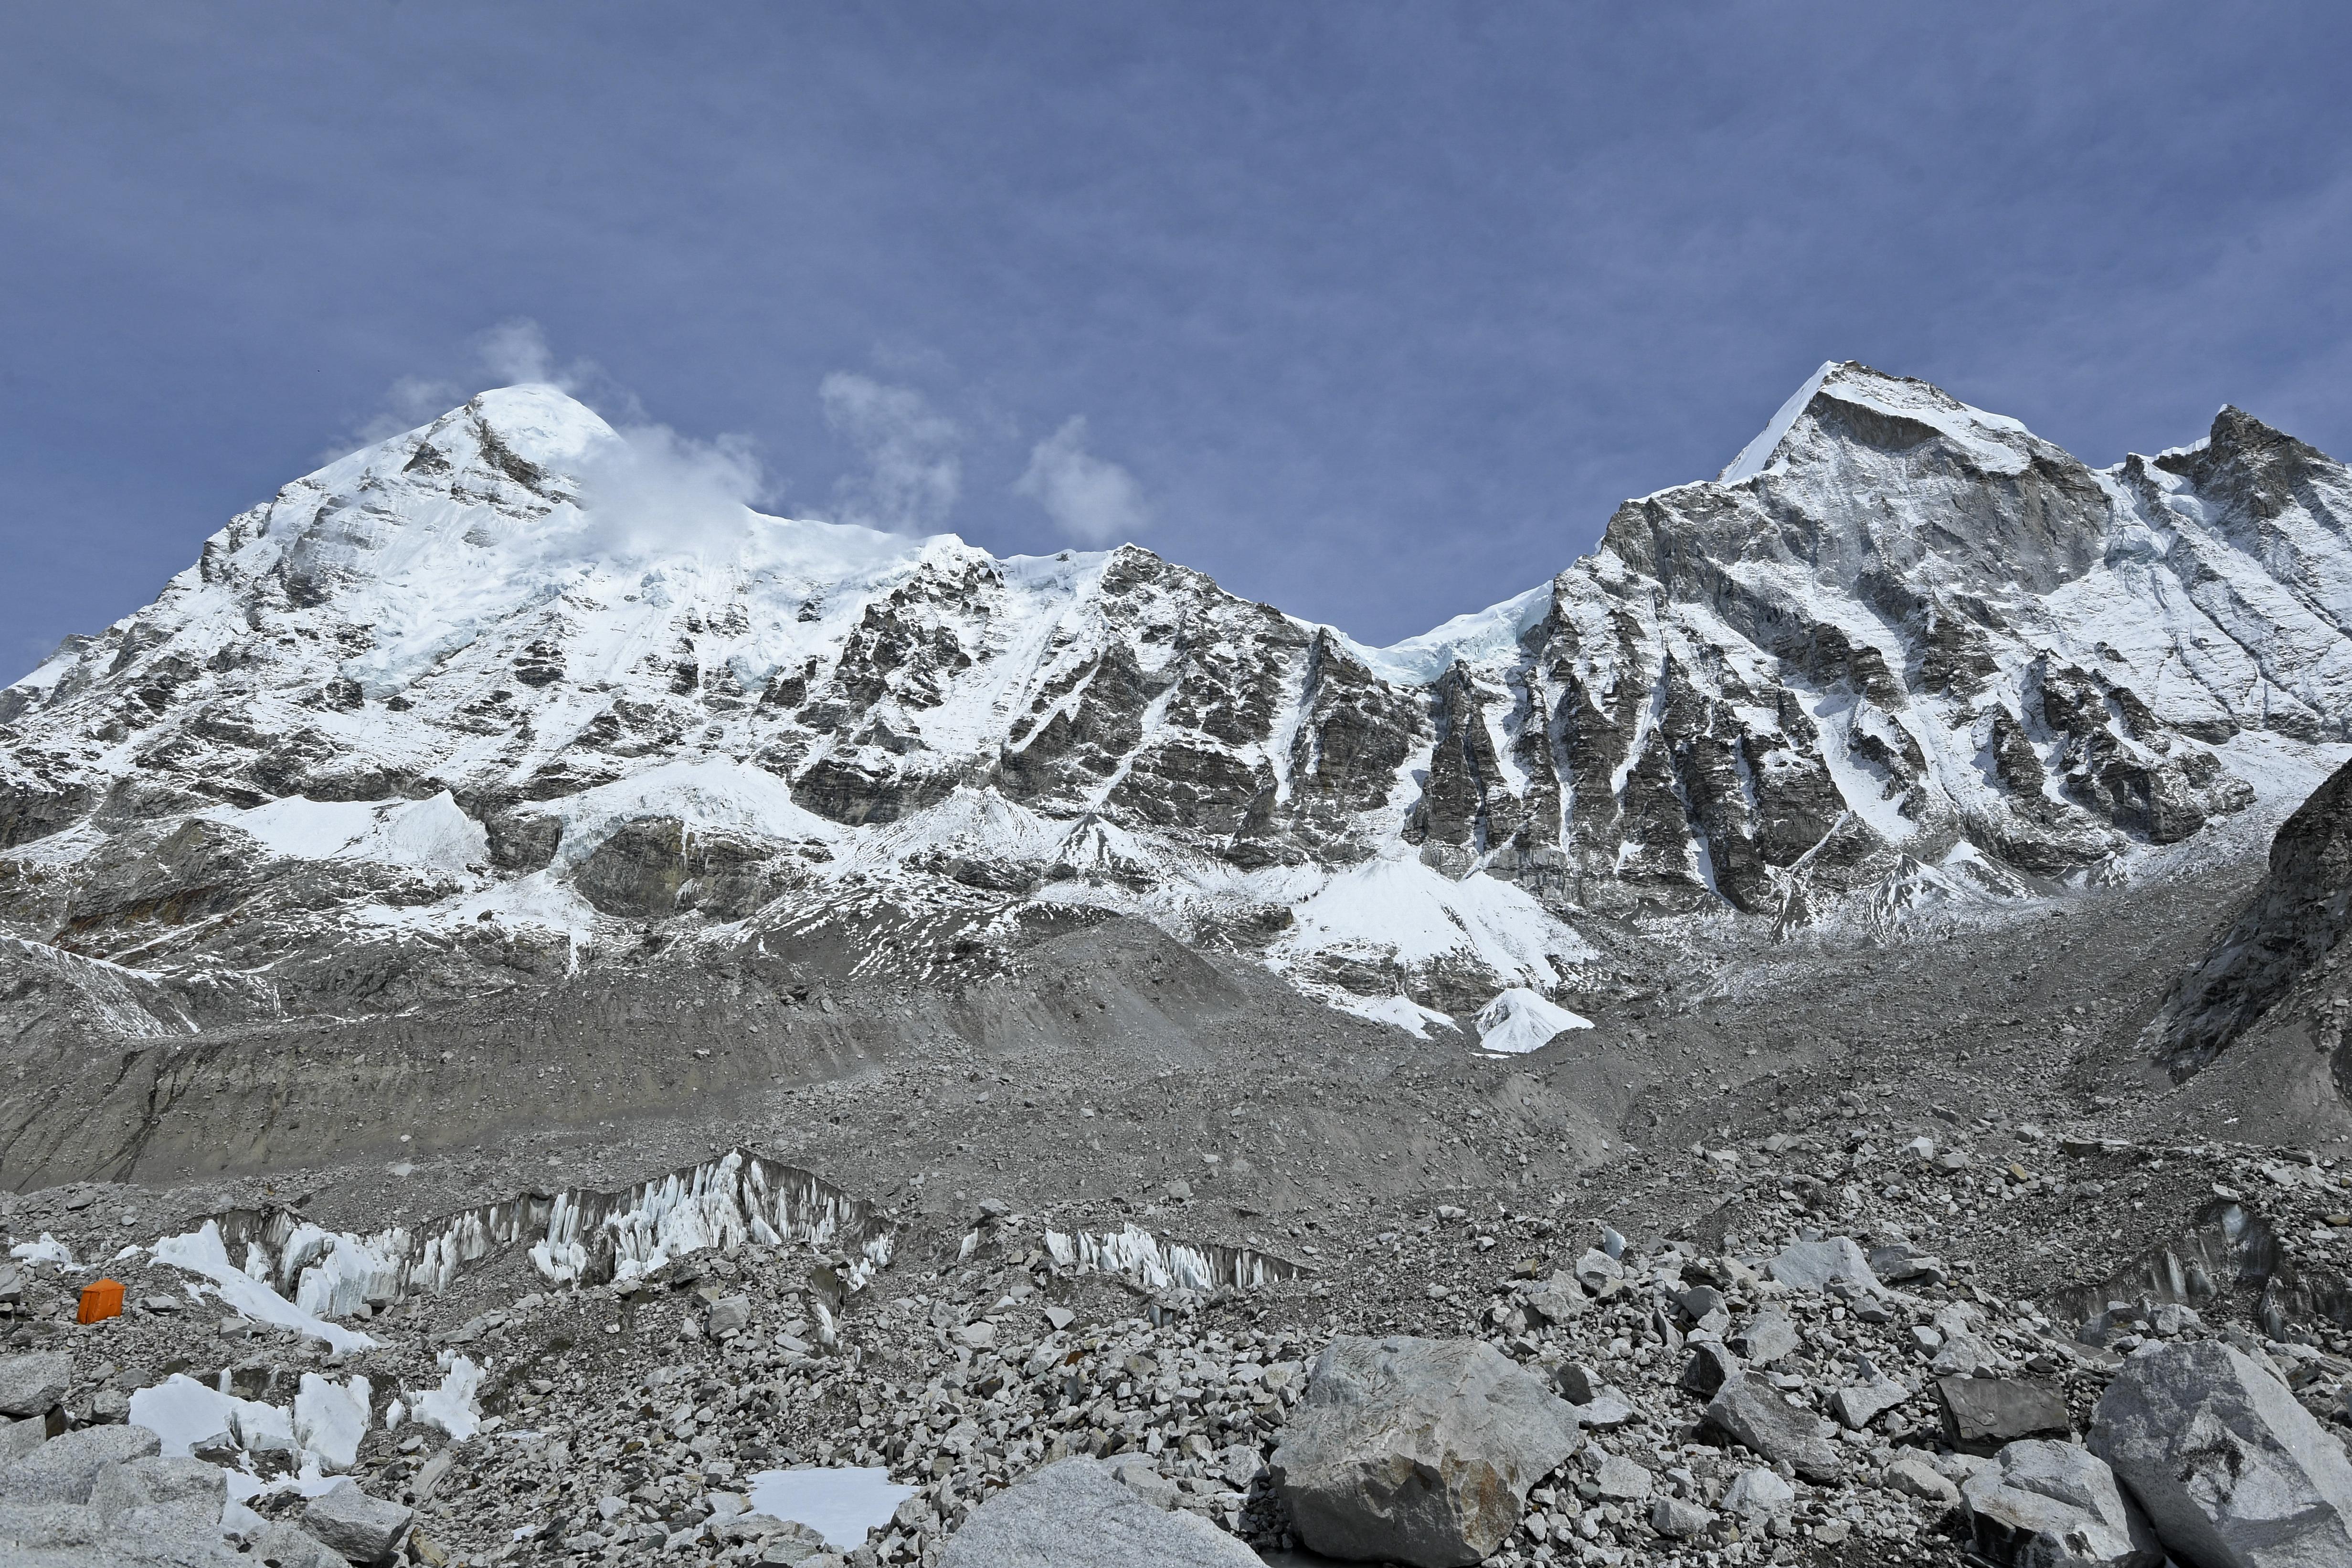 (Nas últimas semanas, dois outros montanhistas estrangeiros também morreram no Everest: o suíço Abdul Waraich, 40 anos, e o americano Puwei Liu, 55 anos. Foto: Prakash MATHEMA / AFP )